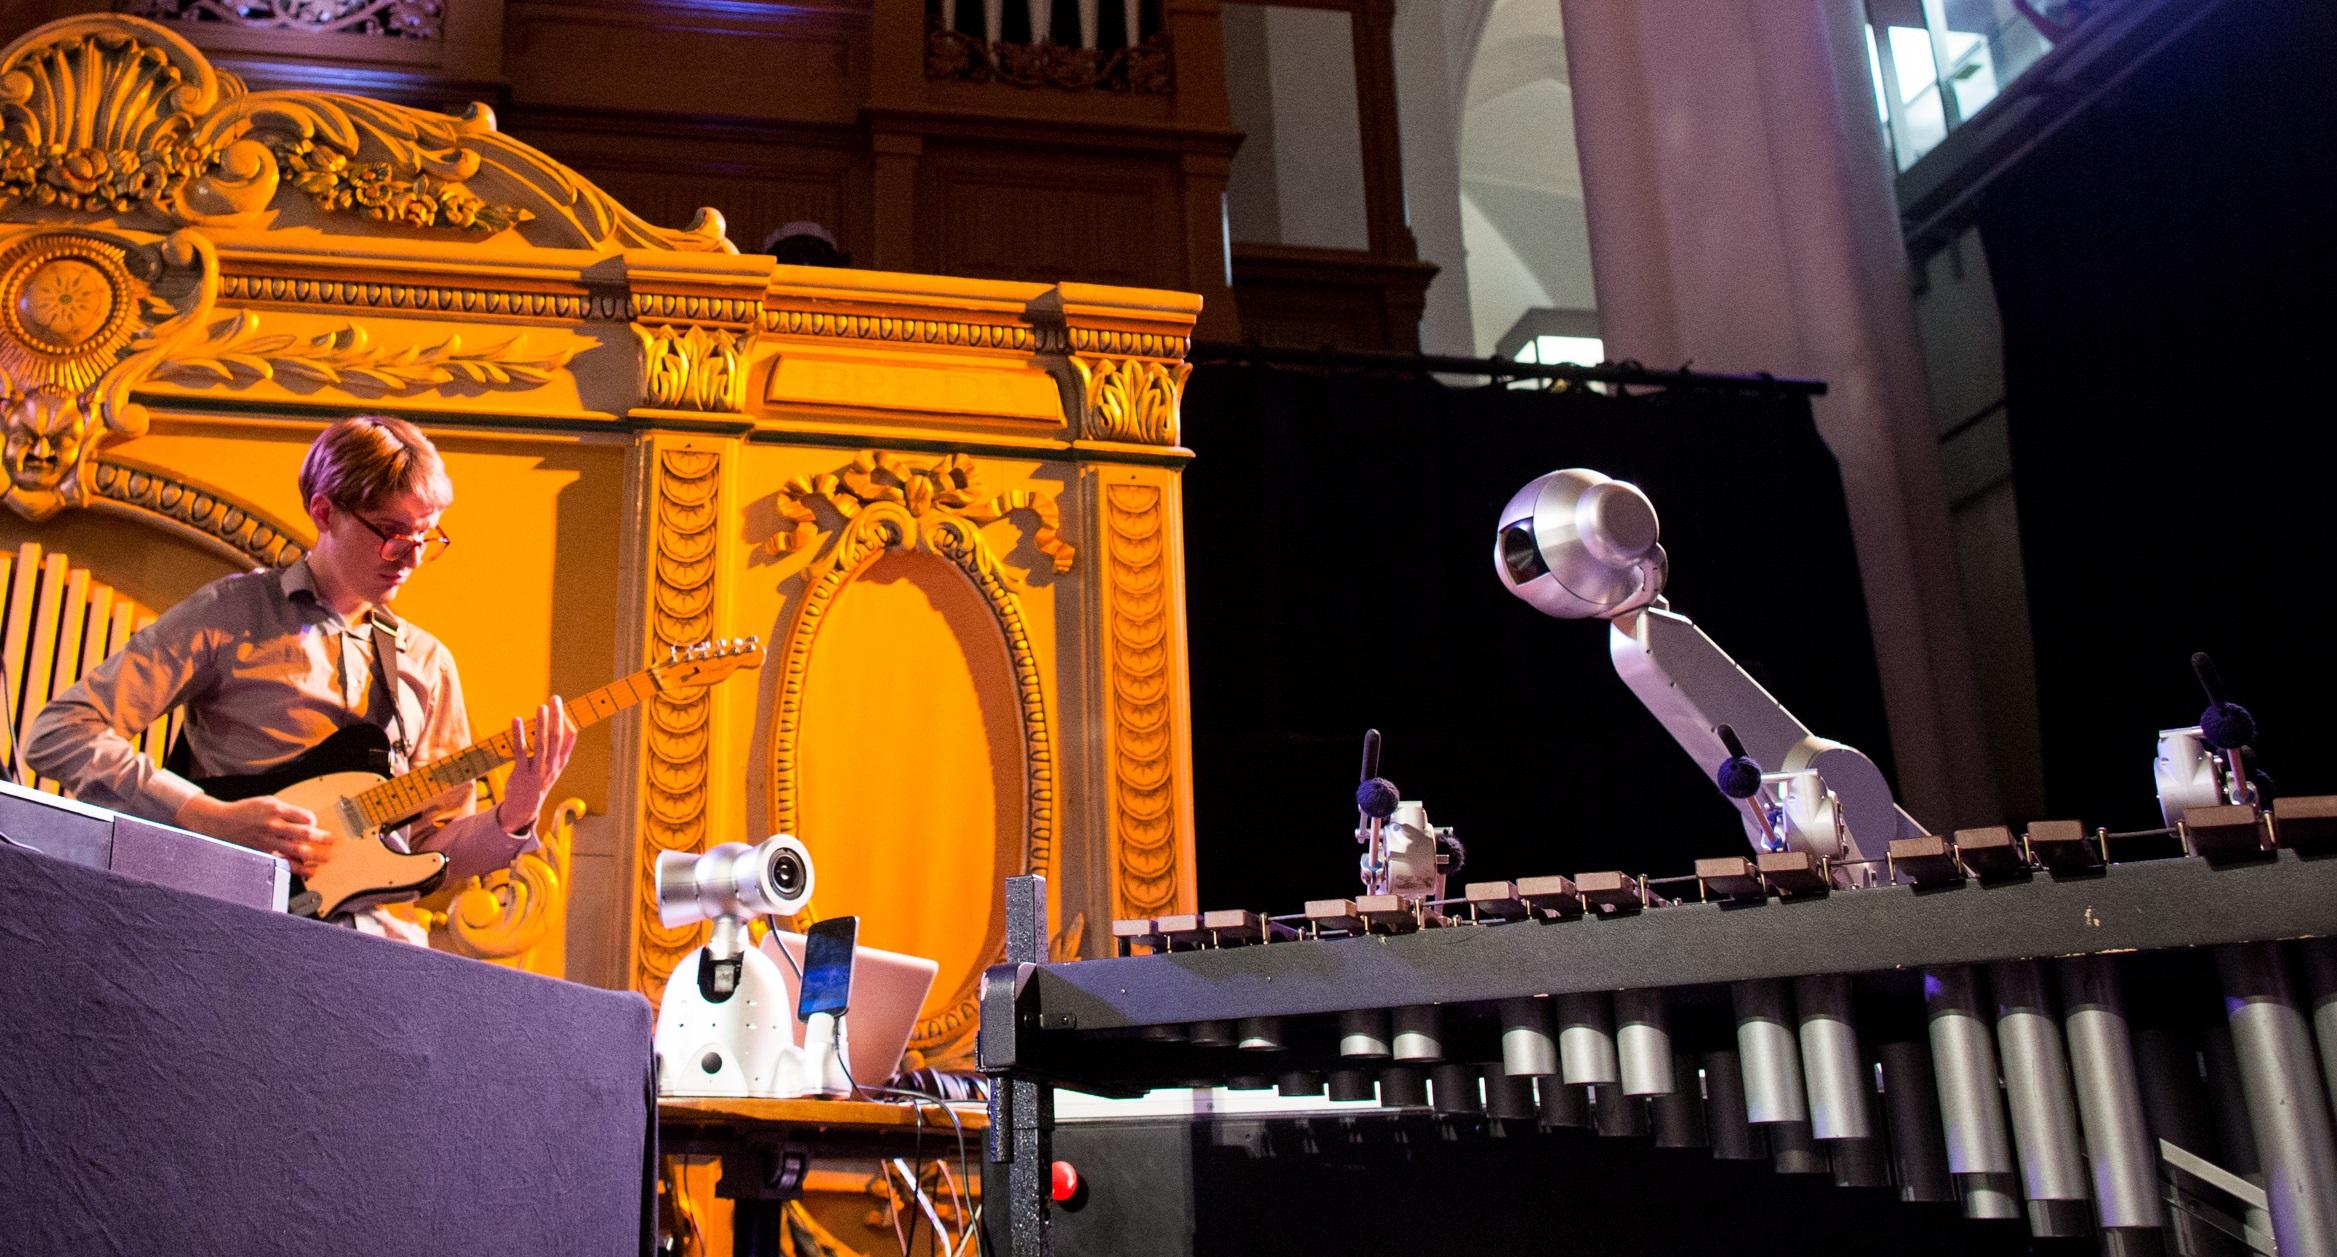 Randprogrammering Robots love Music